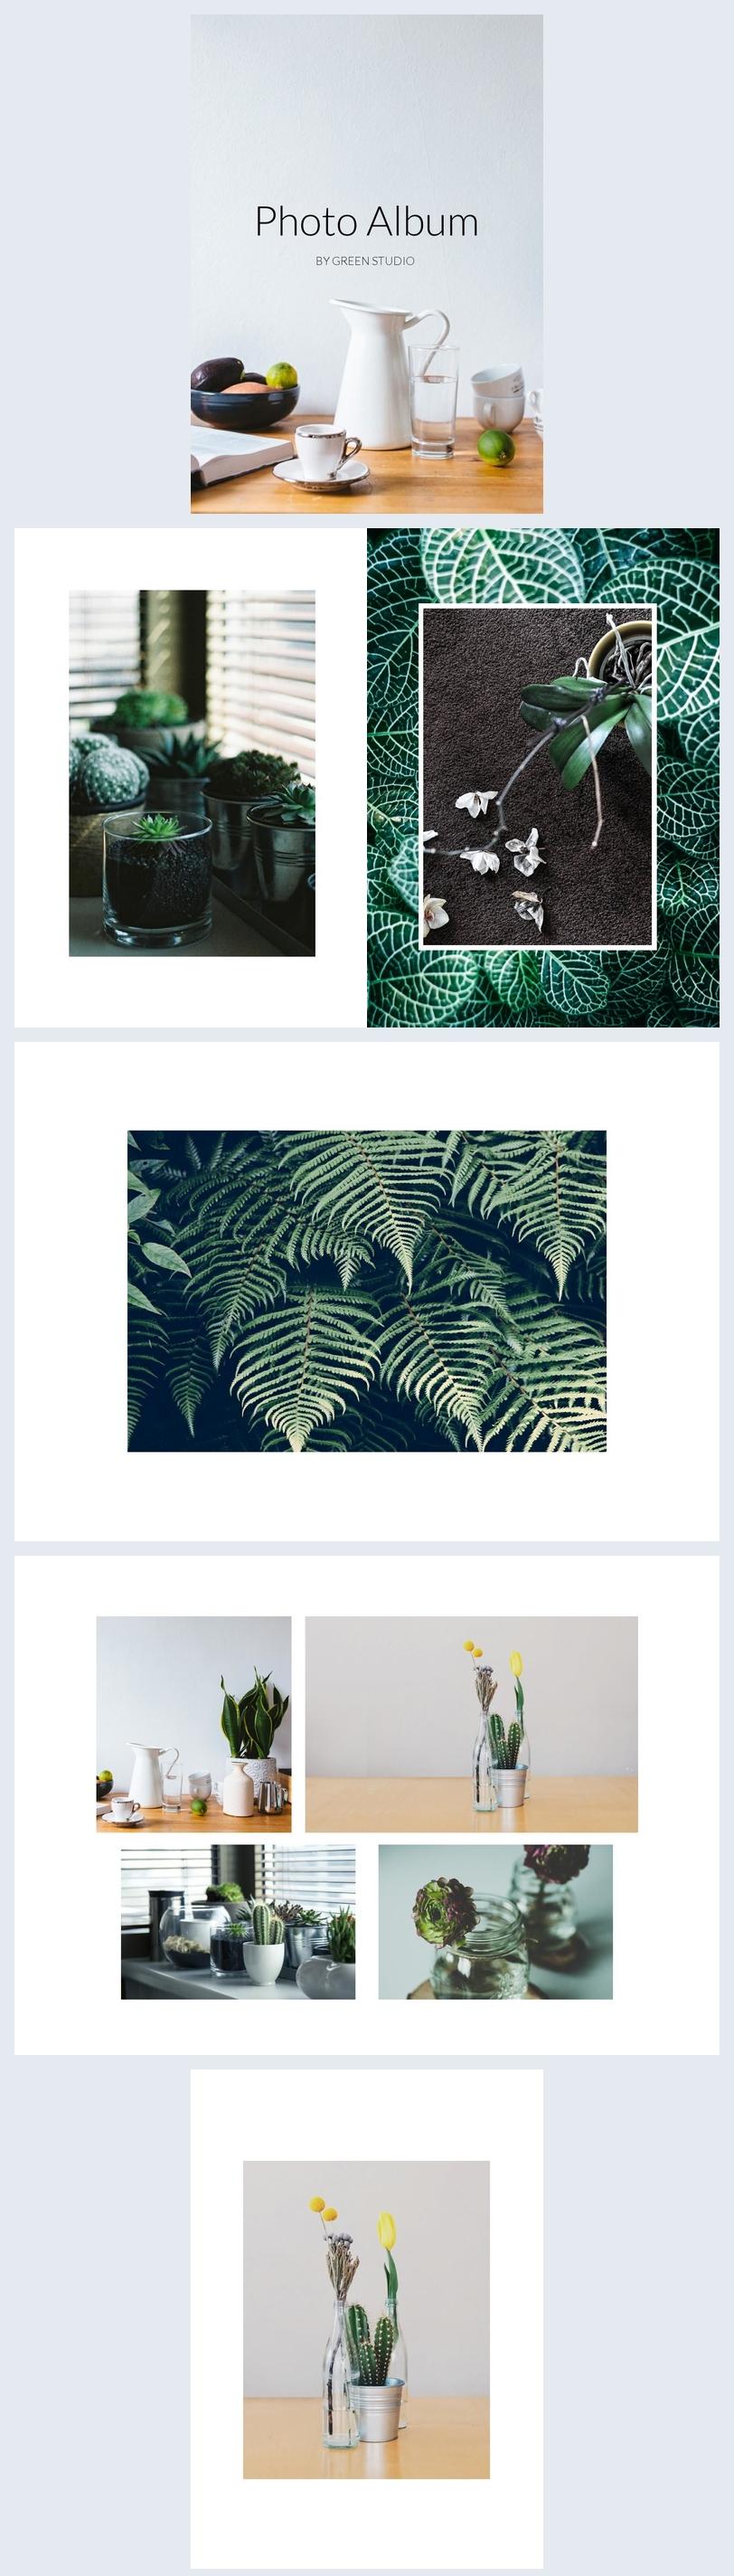 Online foto album ontwerp